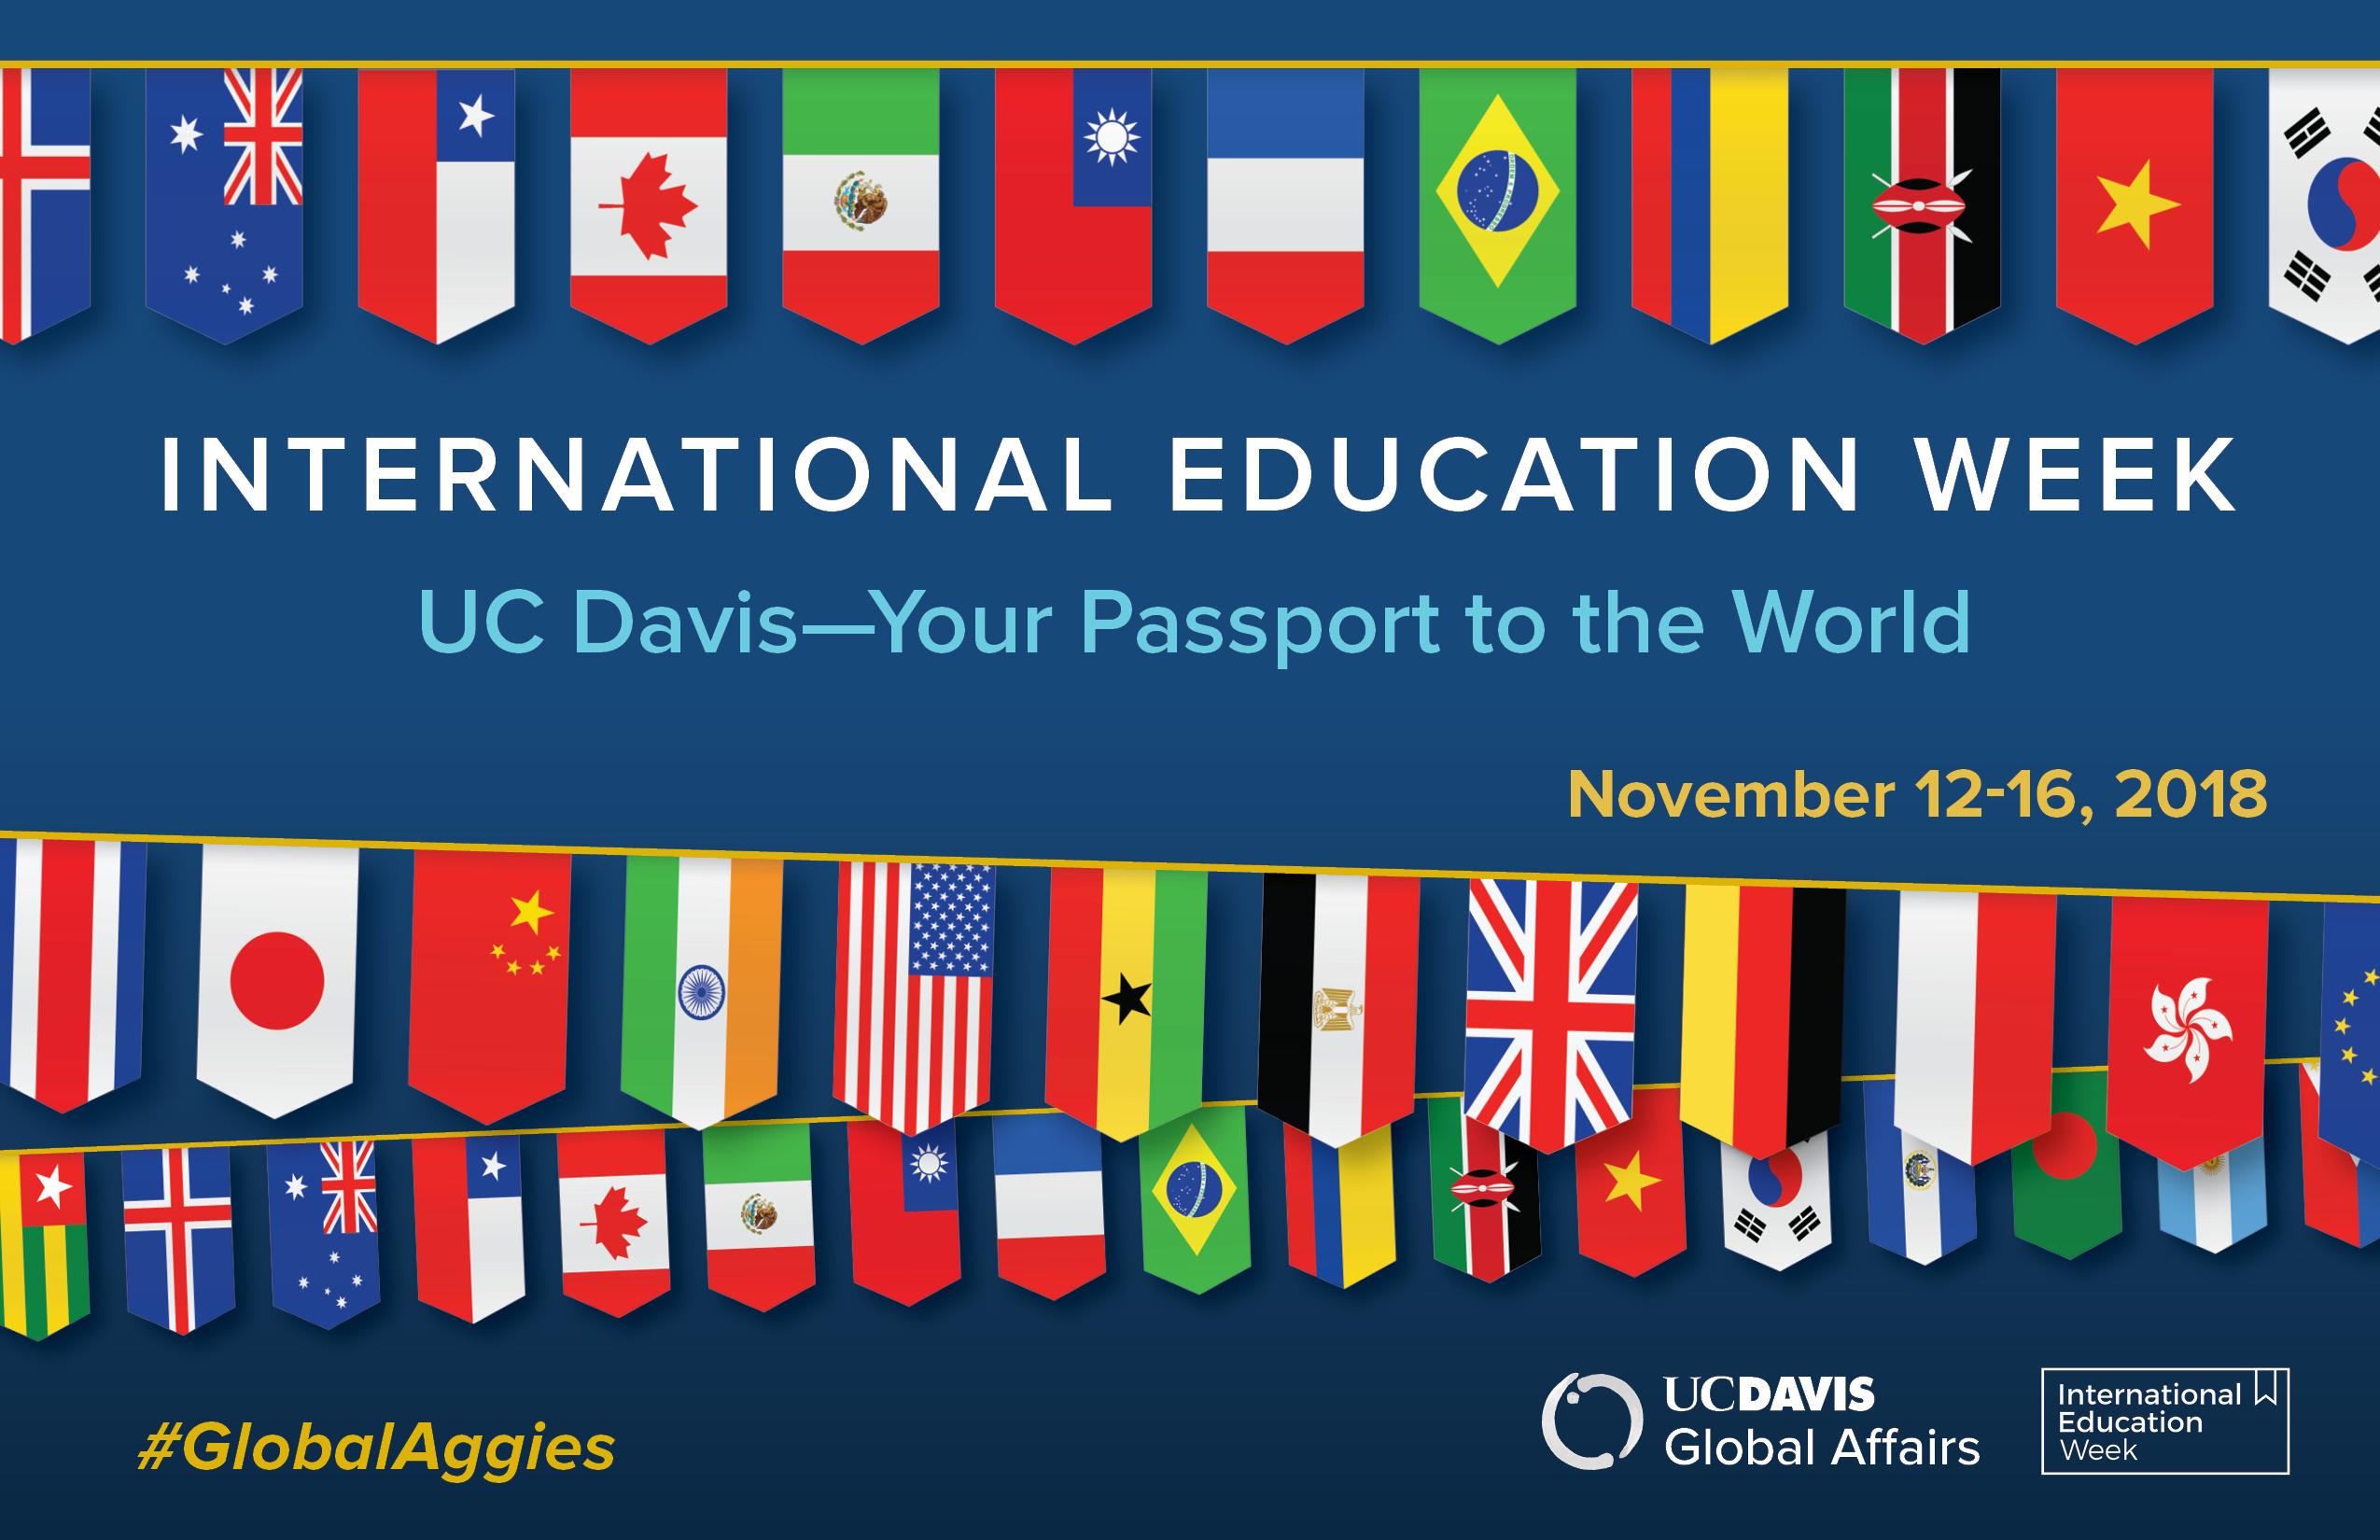 What is International Education Week?